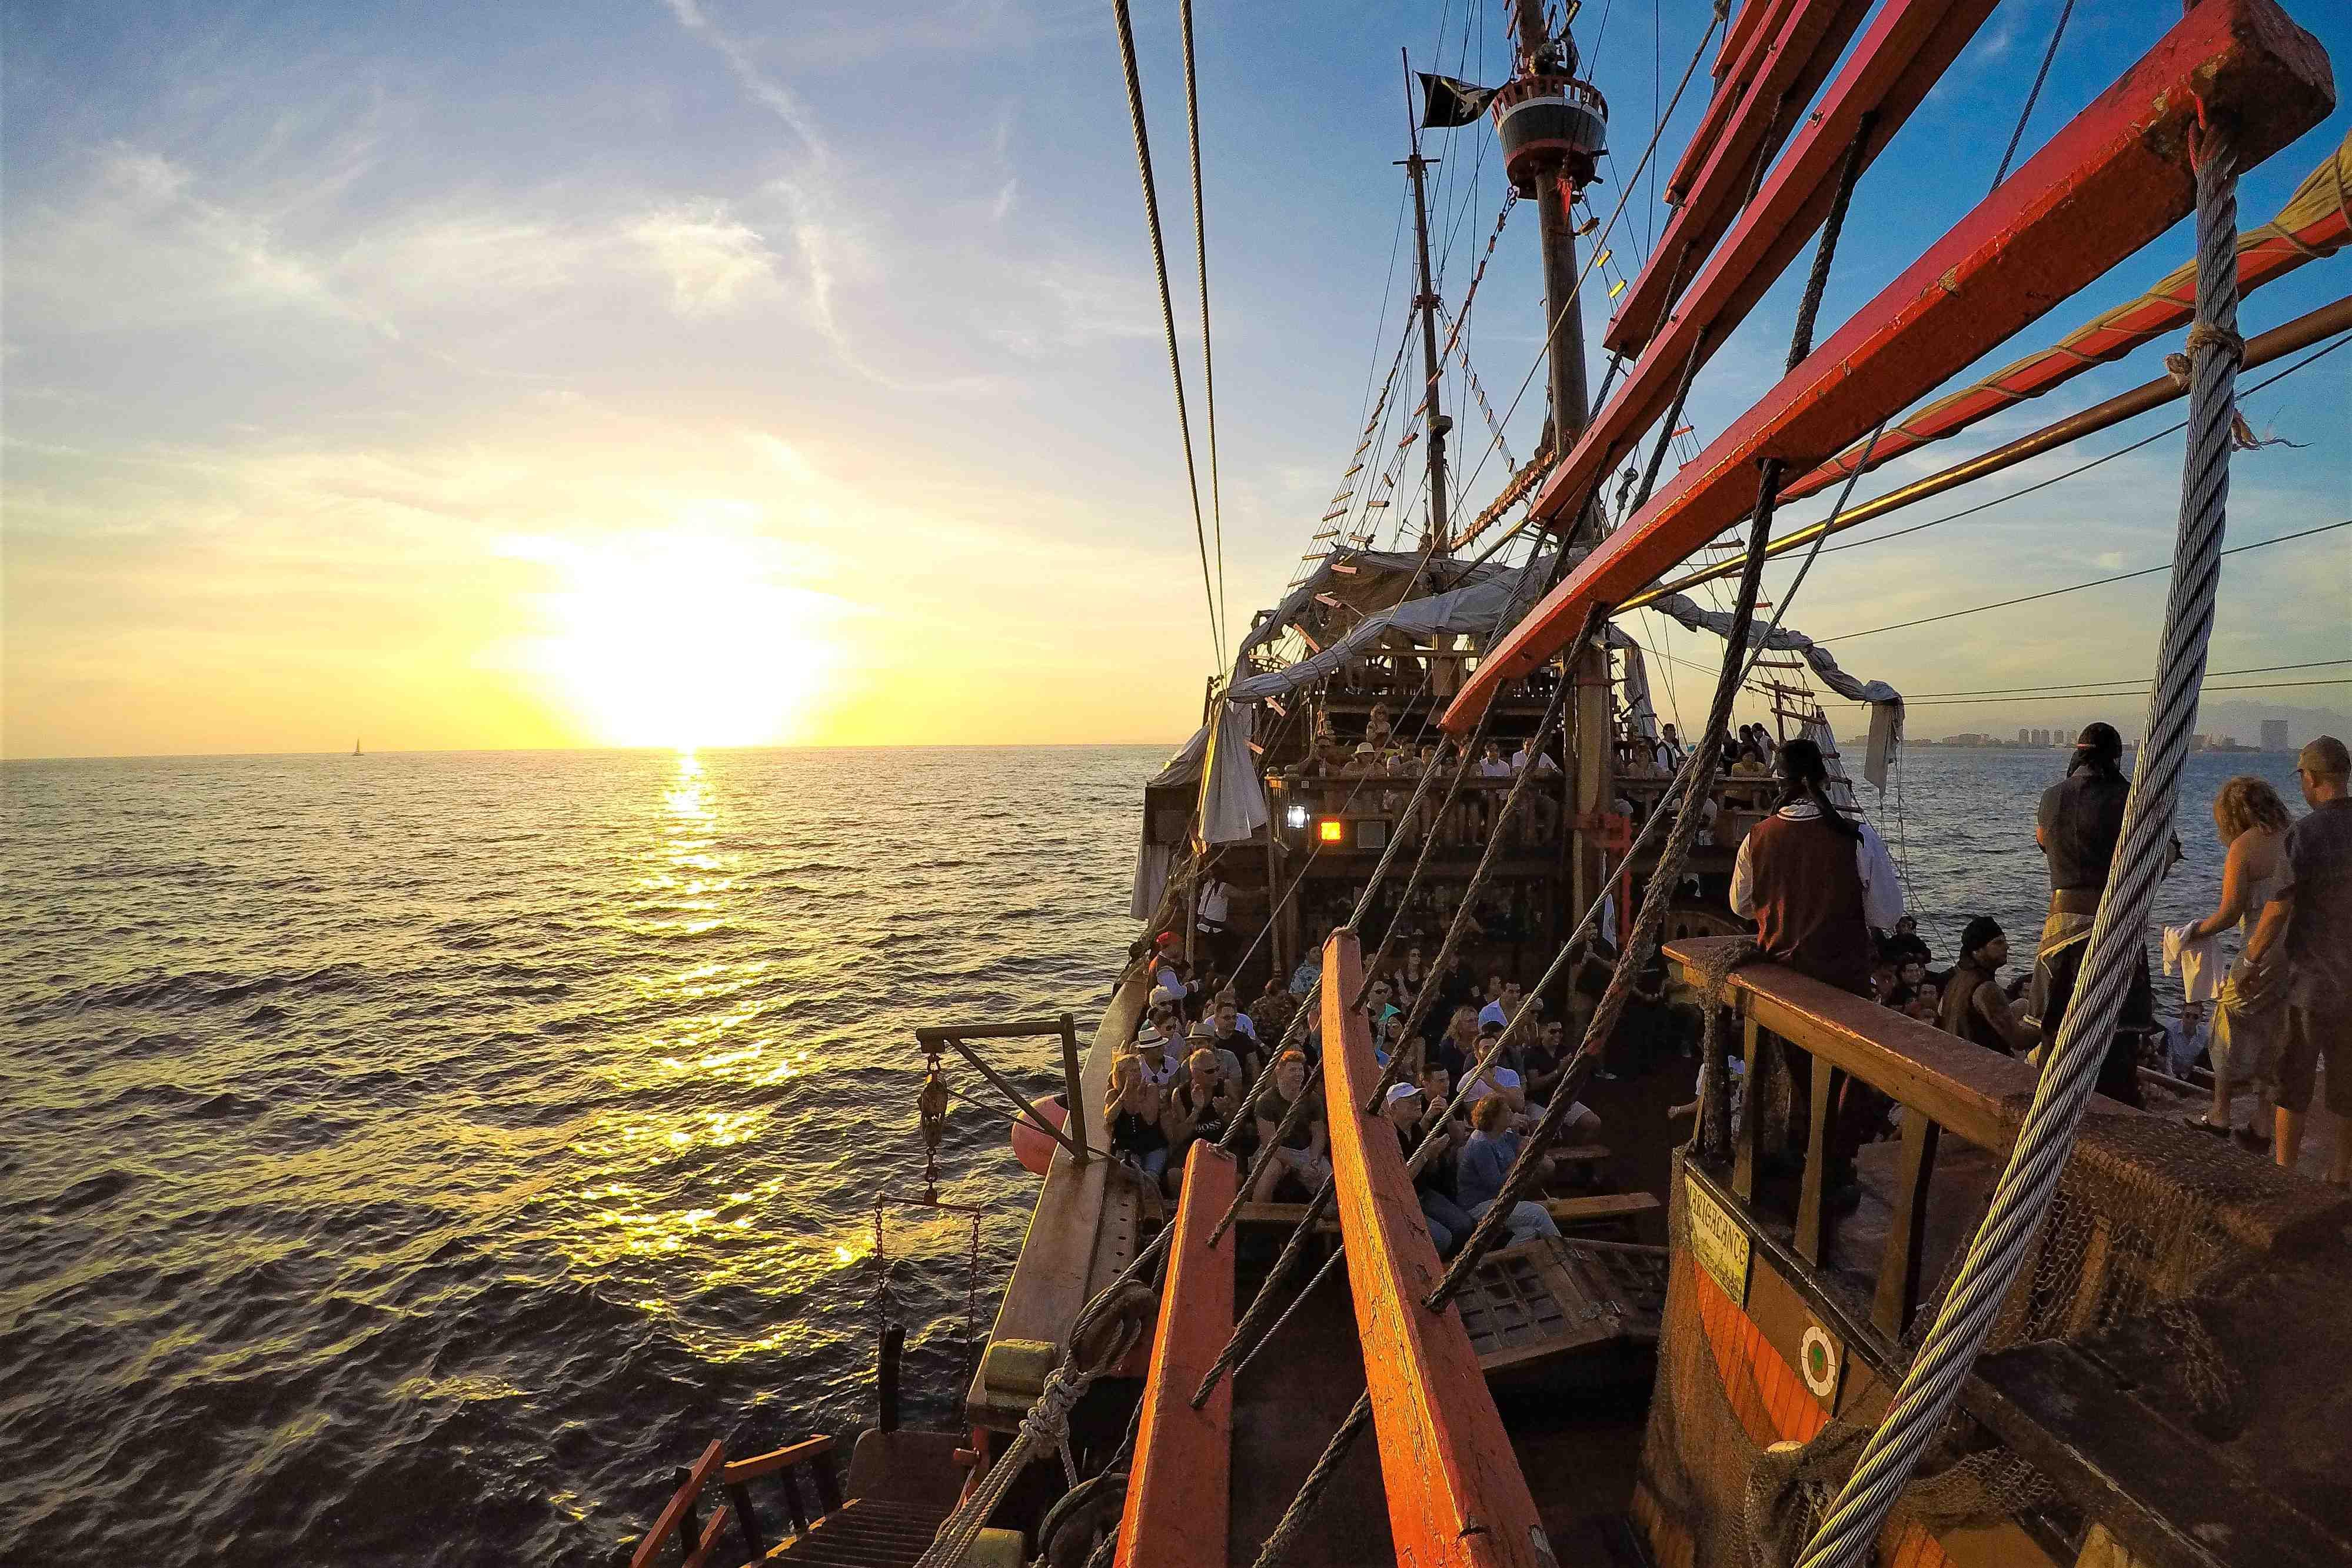 Pirate Premium Dinner Under The Sea - Last Minute Tours in Puerto Vallarta